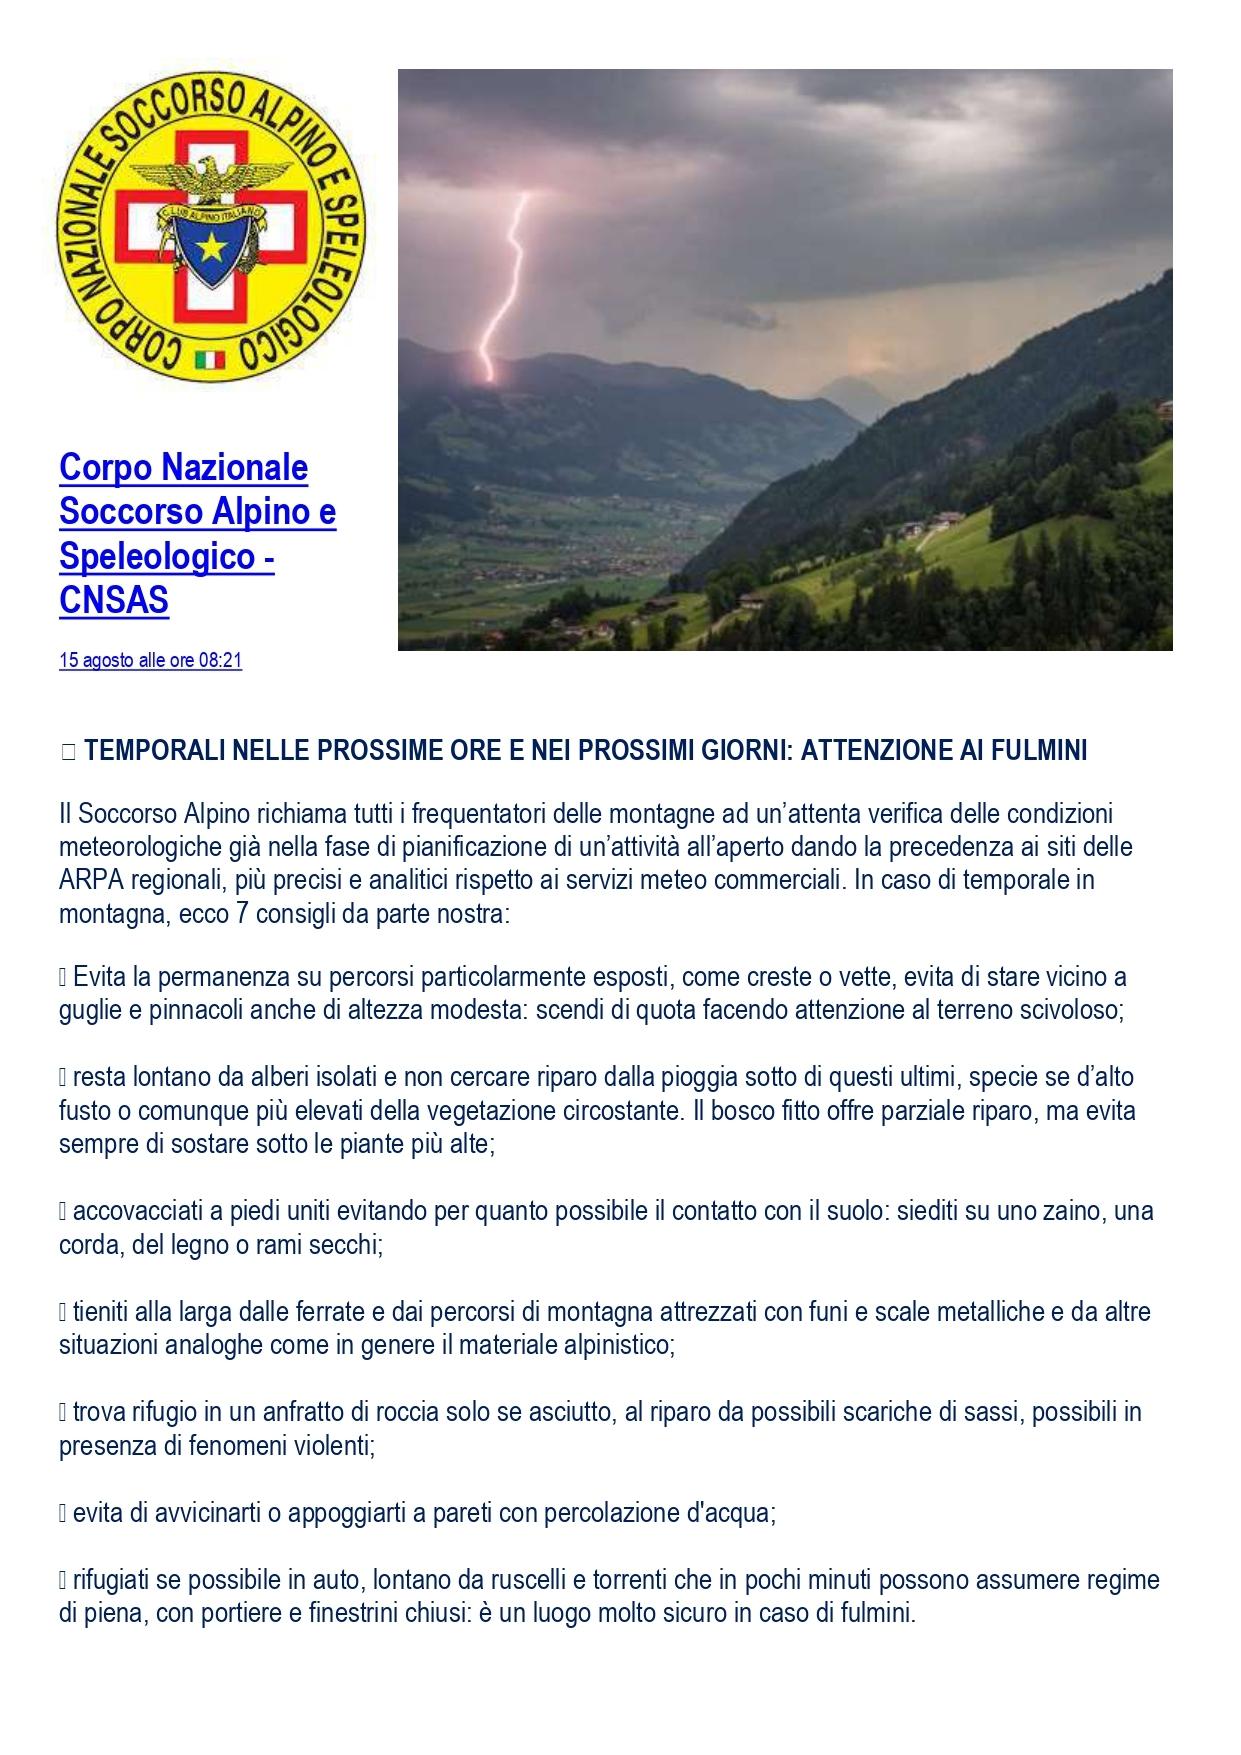 Temporali nelle prossime ore e nei prossimi giorni: Attenzione ai fulmini (Corpo Nazionale Soccorso Alpino e Speleologico – CNSAS)